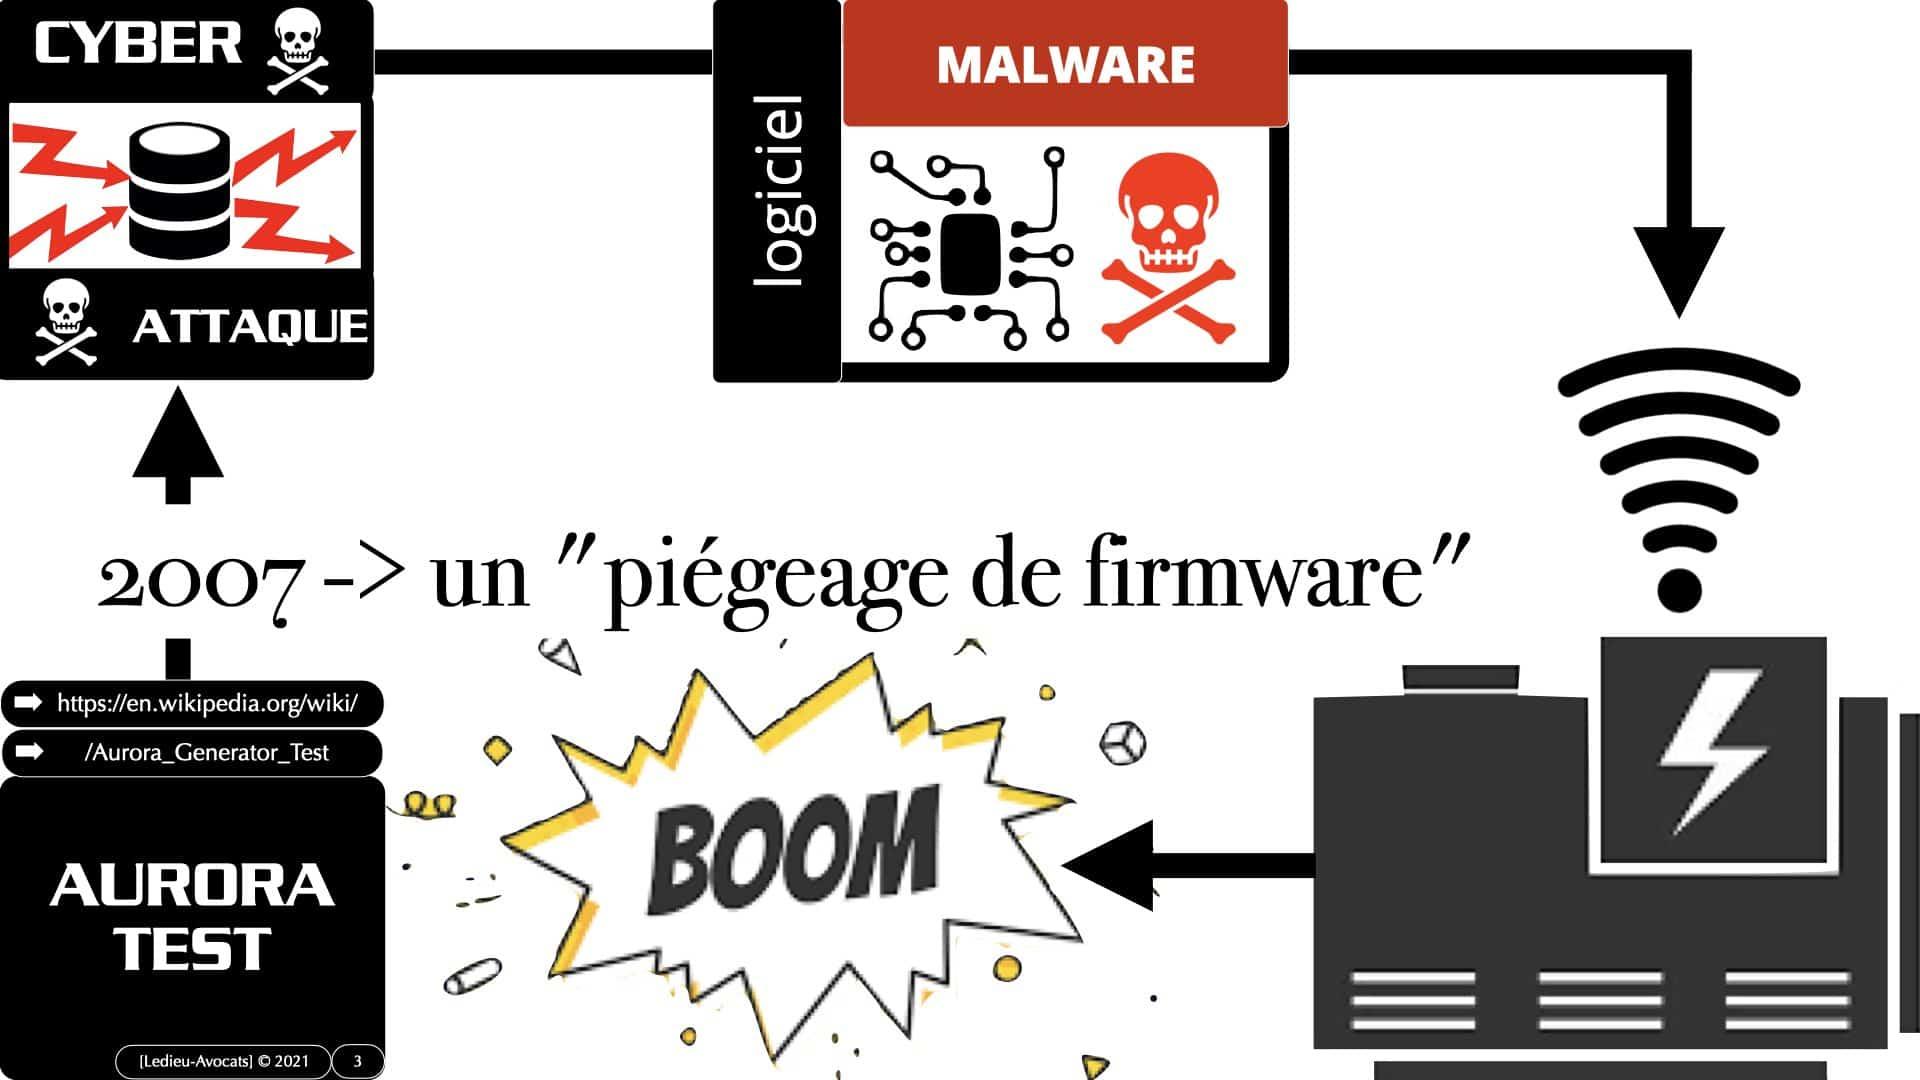 les grandes cyber attaques sur les systèmes industriels